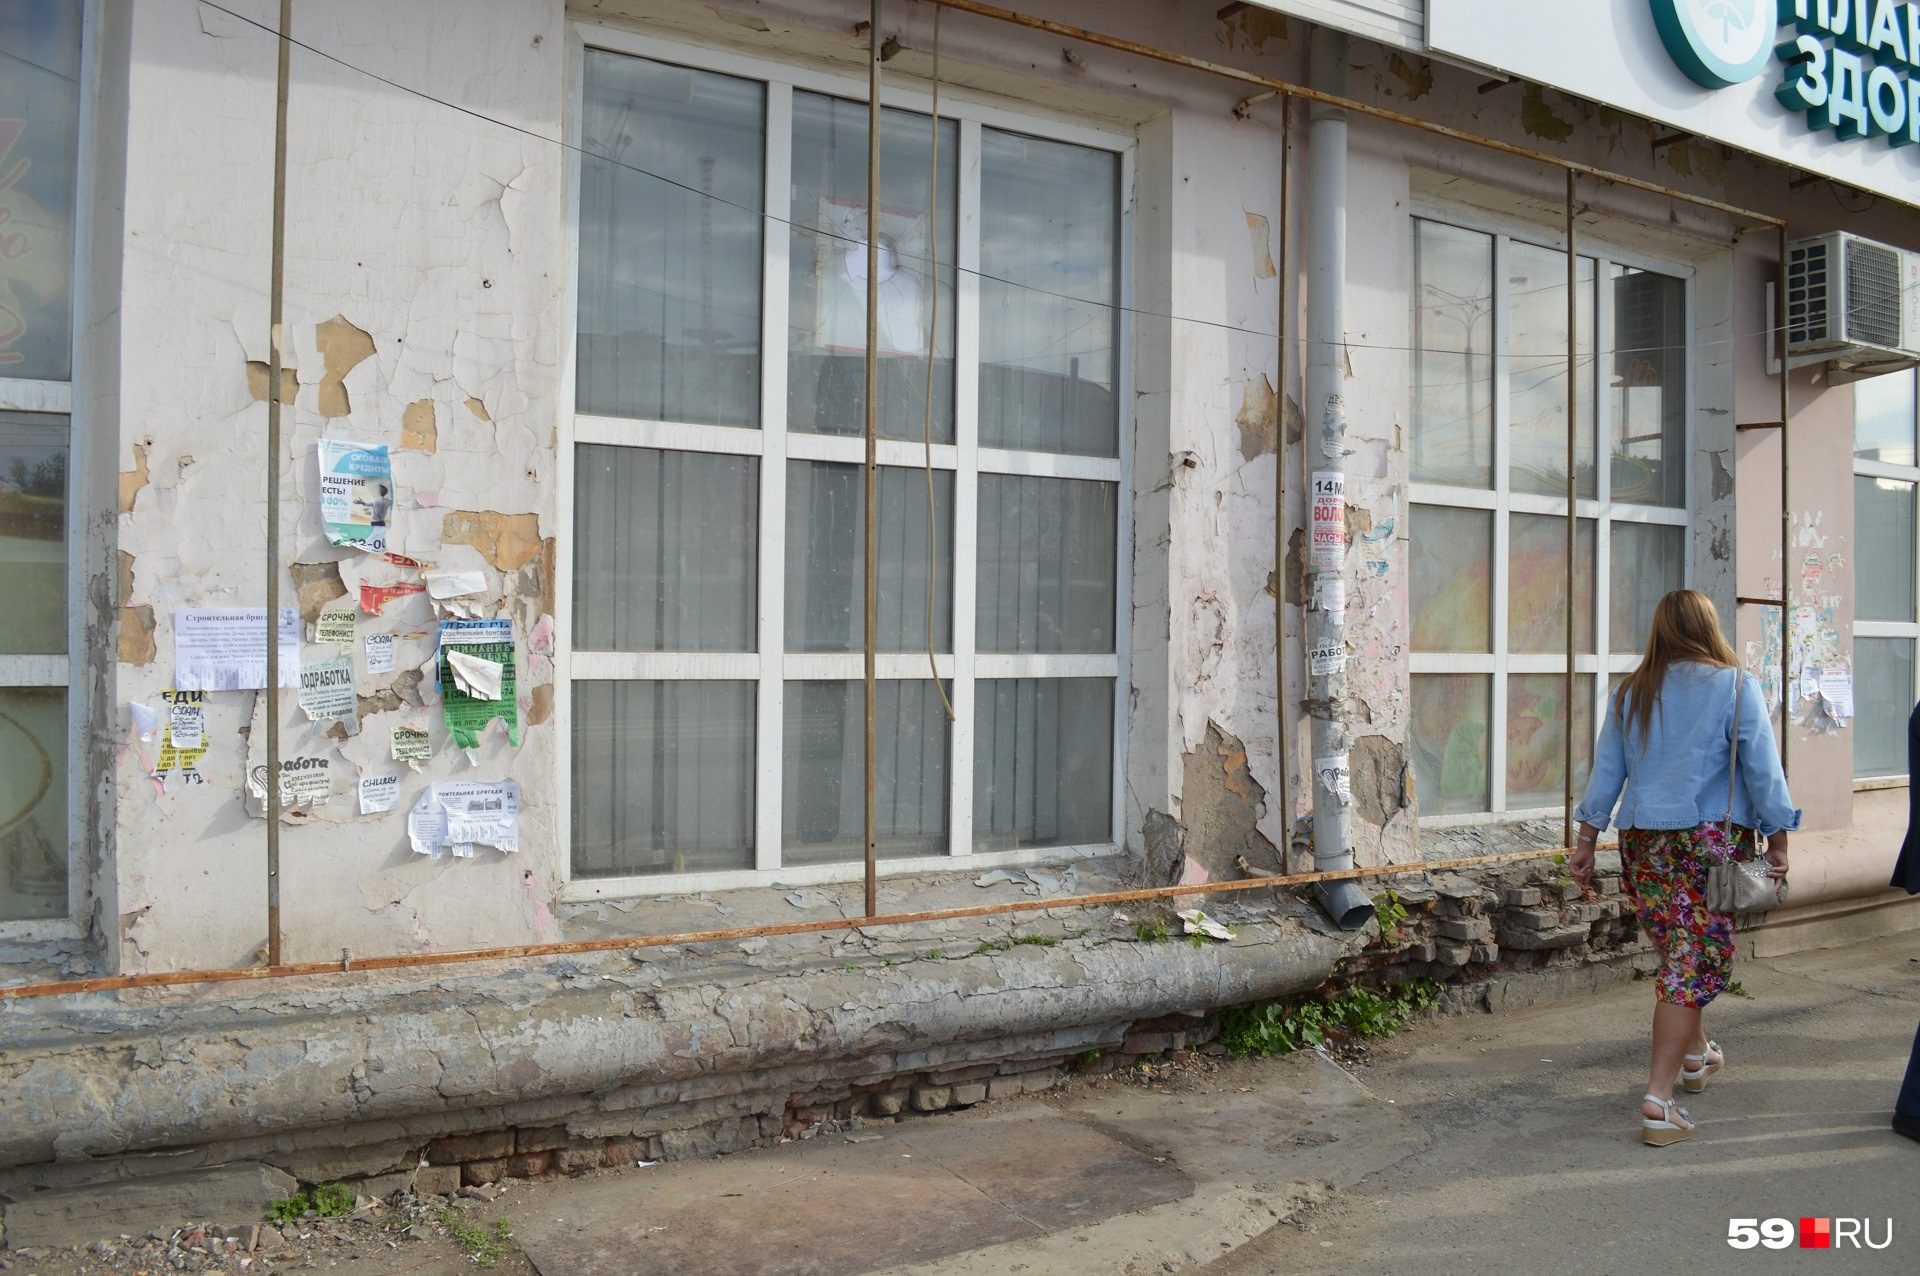 Пока мэр не заговорил про страшный фасад — его особо никто и не замечал. А теперь всё время бросается в глаза